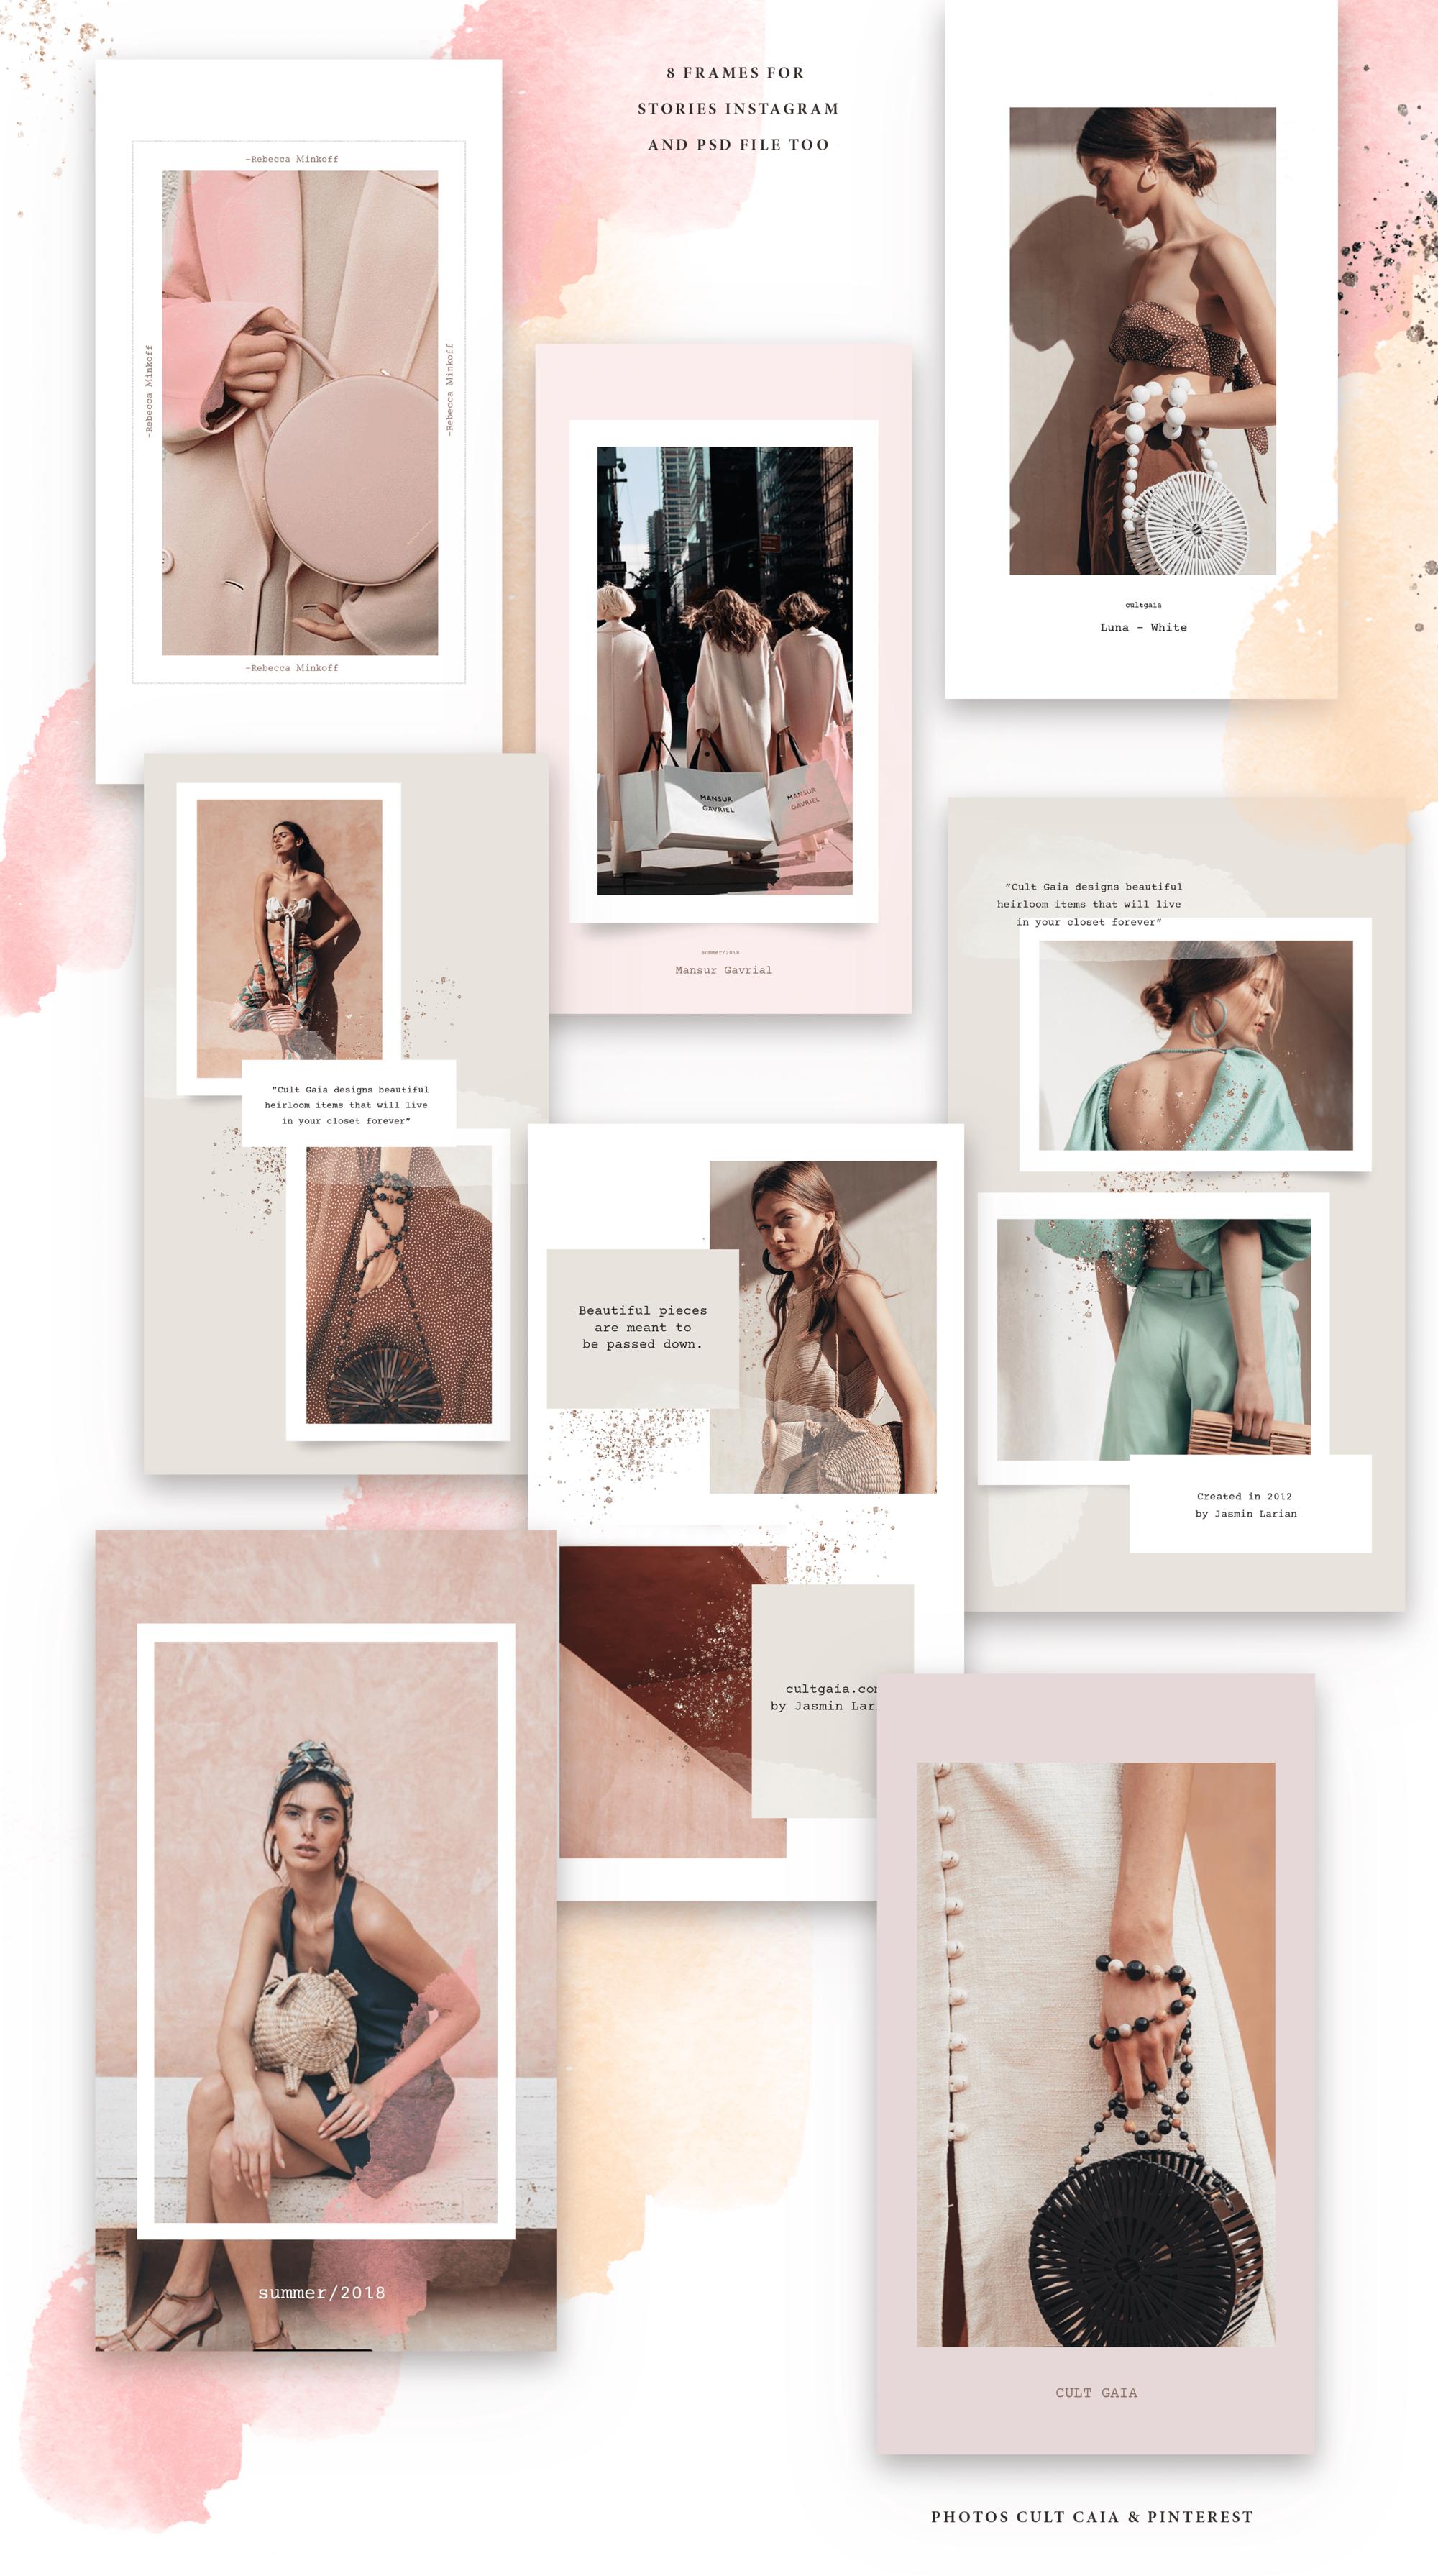 Рассказы веб моделей как устроиться в гибдд на работу девушке